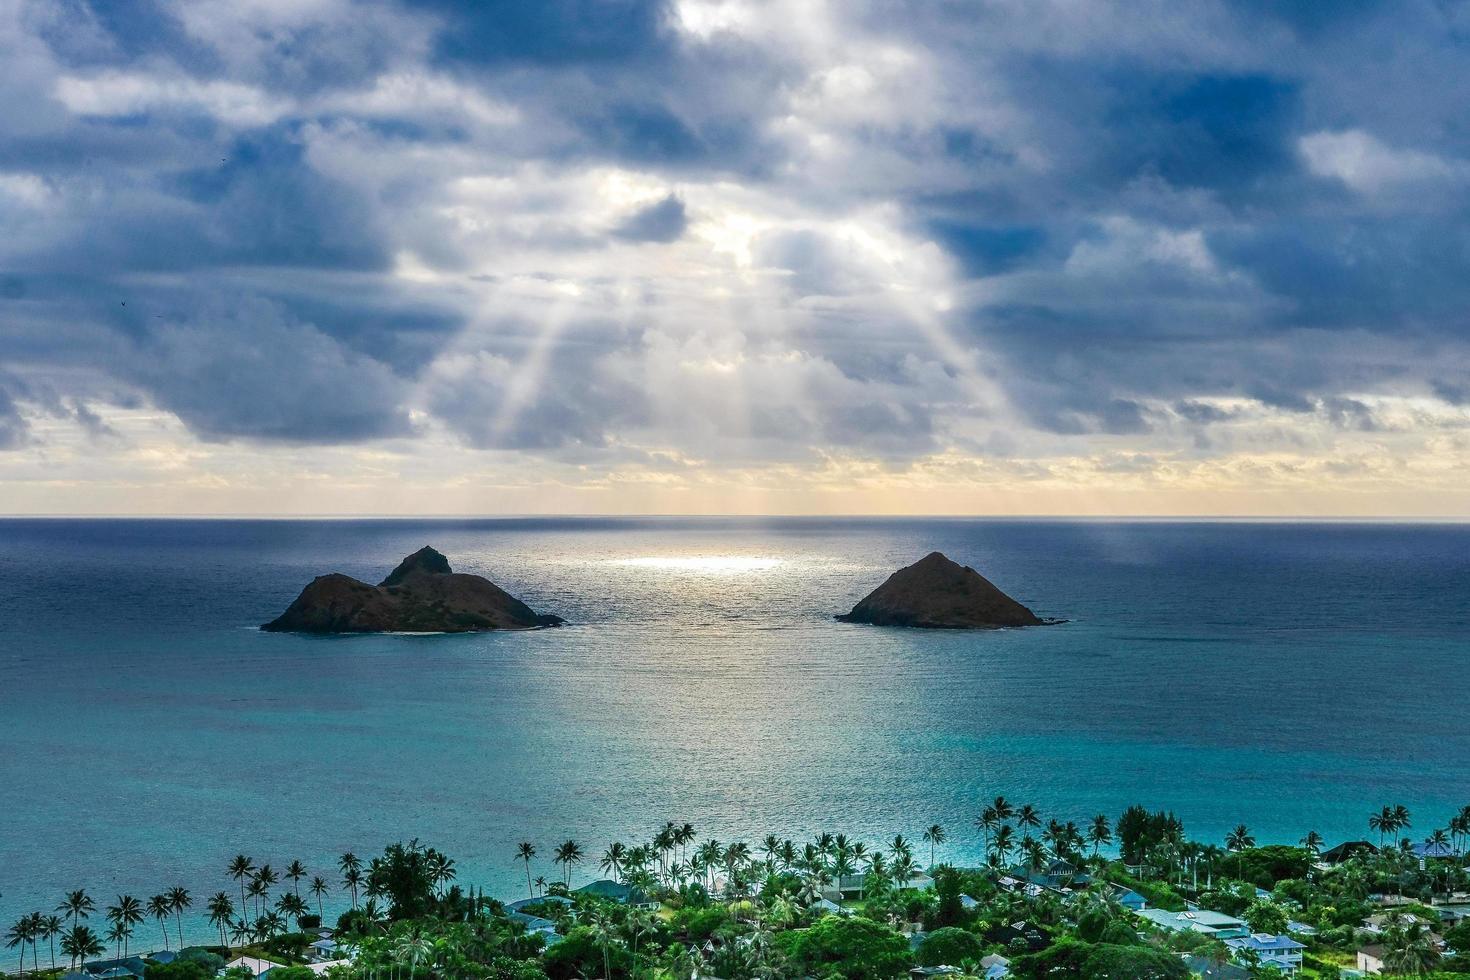 öar och stränder foto